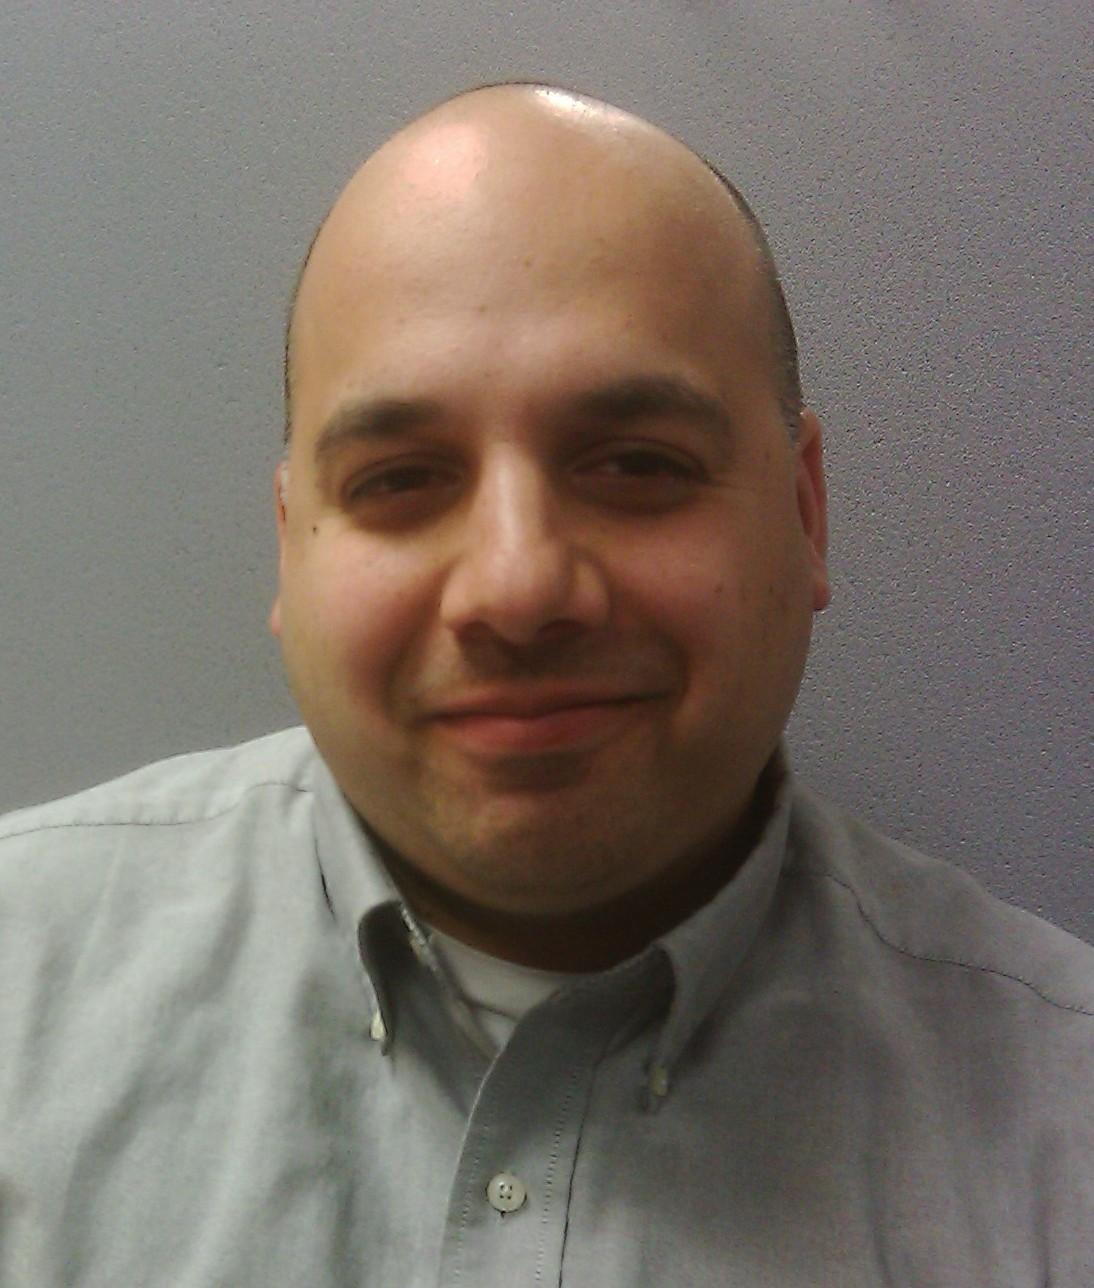 Gregg Bako